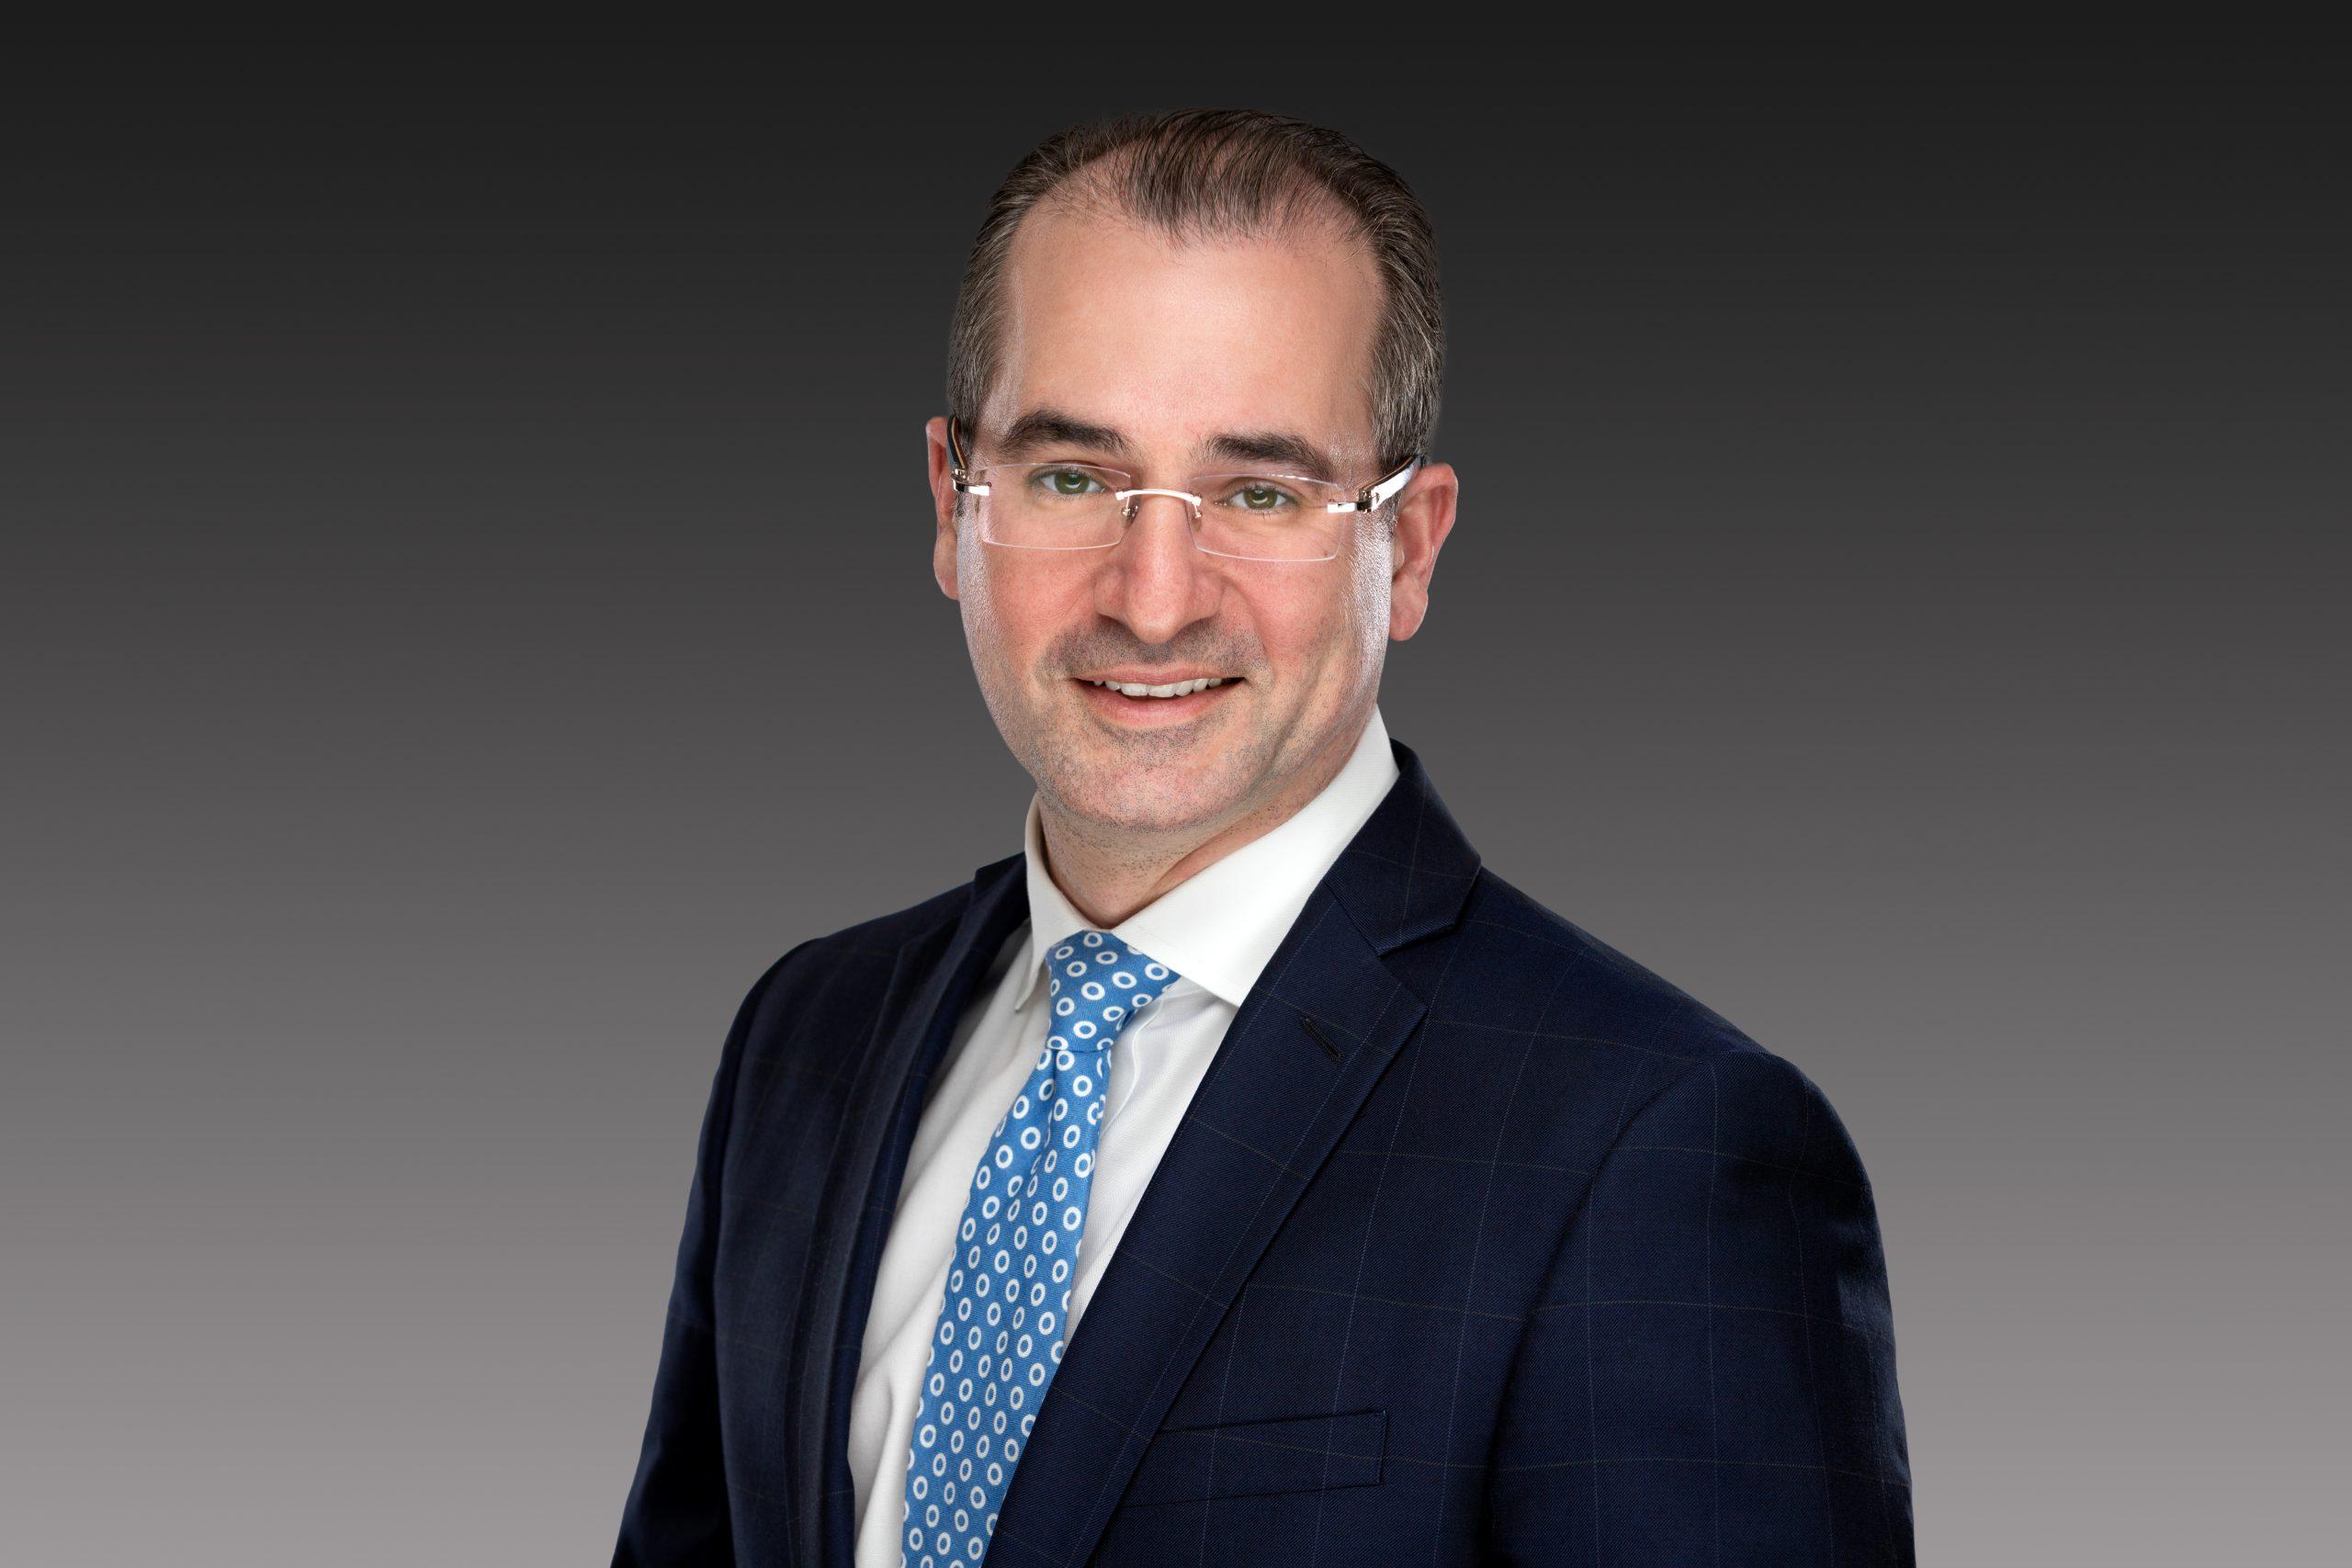 Joseph R. O'Brien, MD